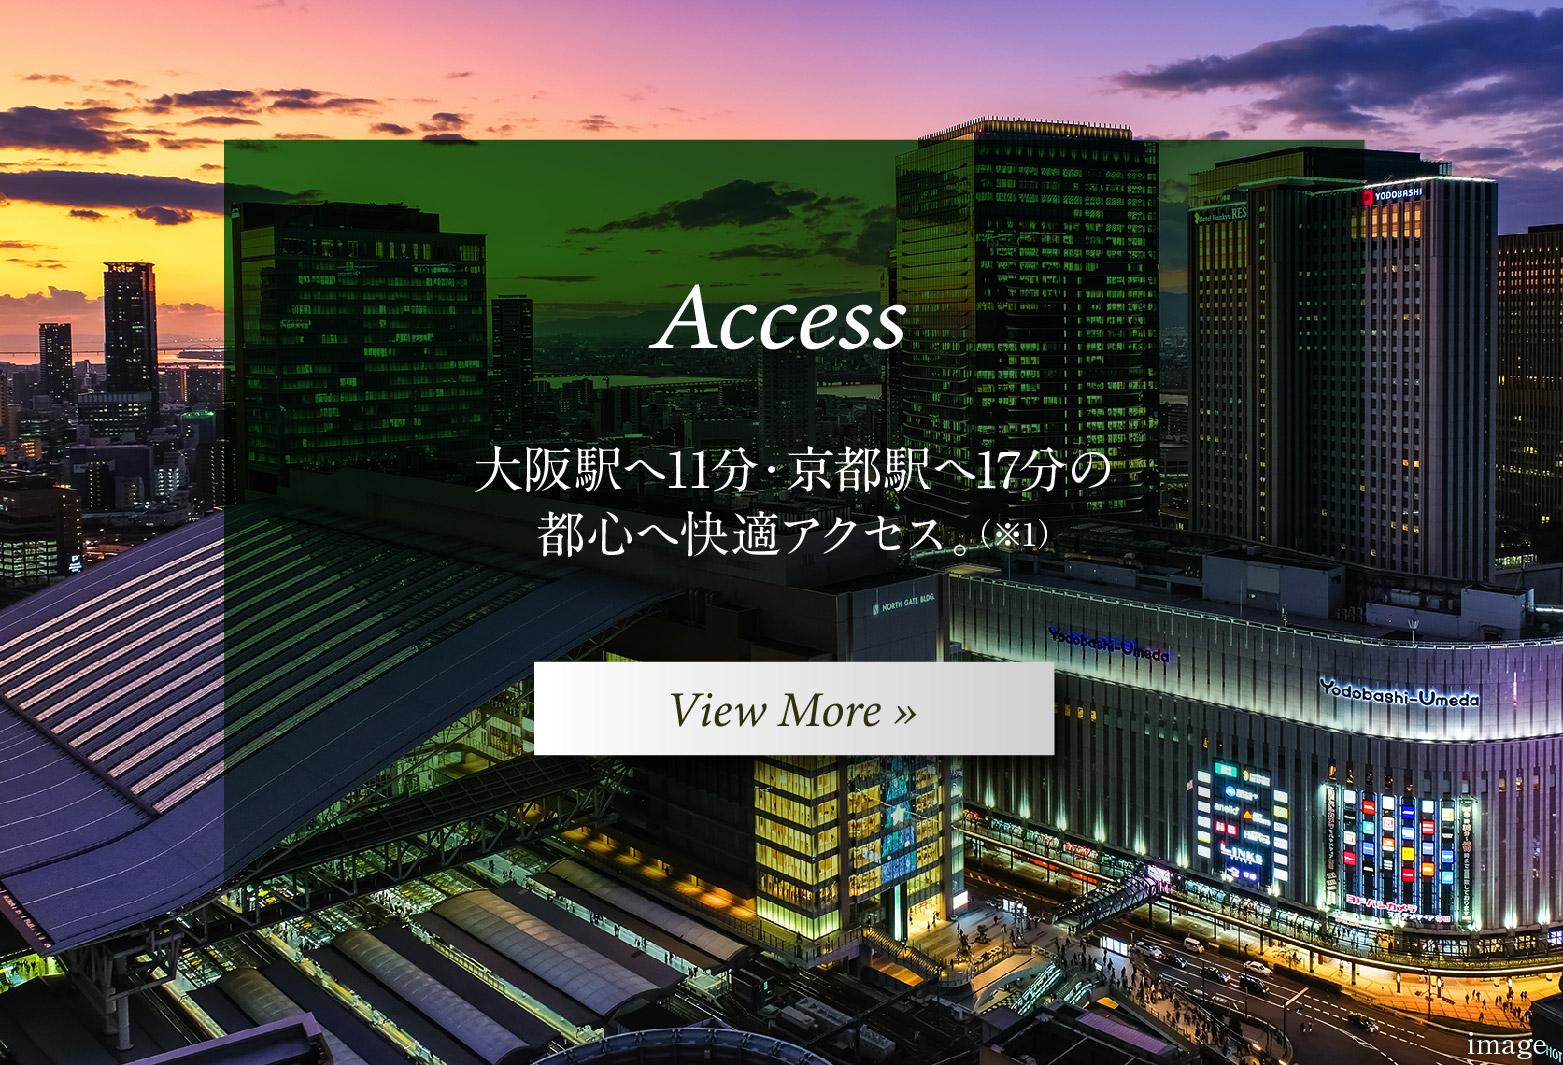 【アフュージアガーデン茨木春日】ACCESS